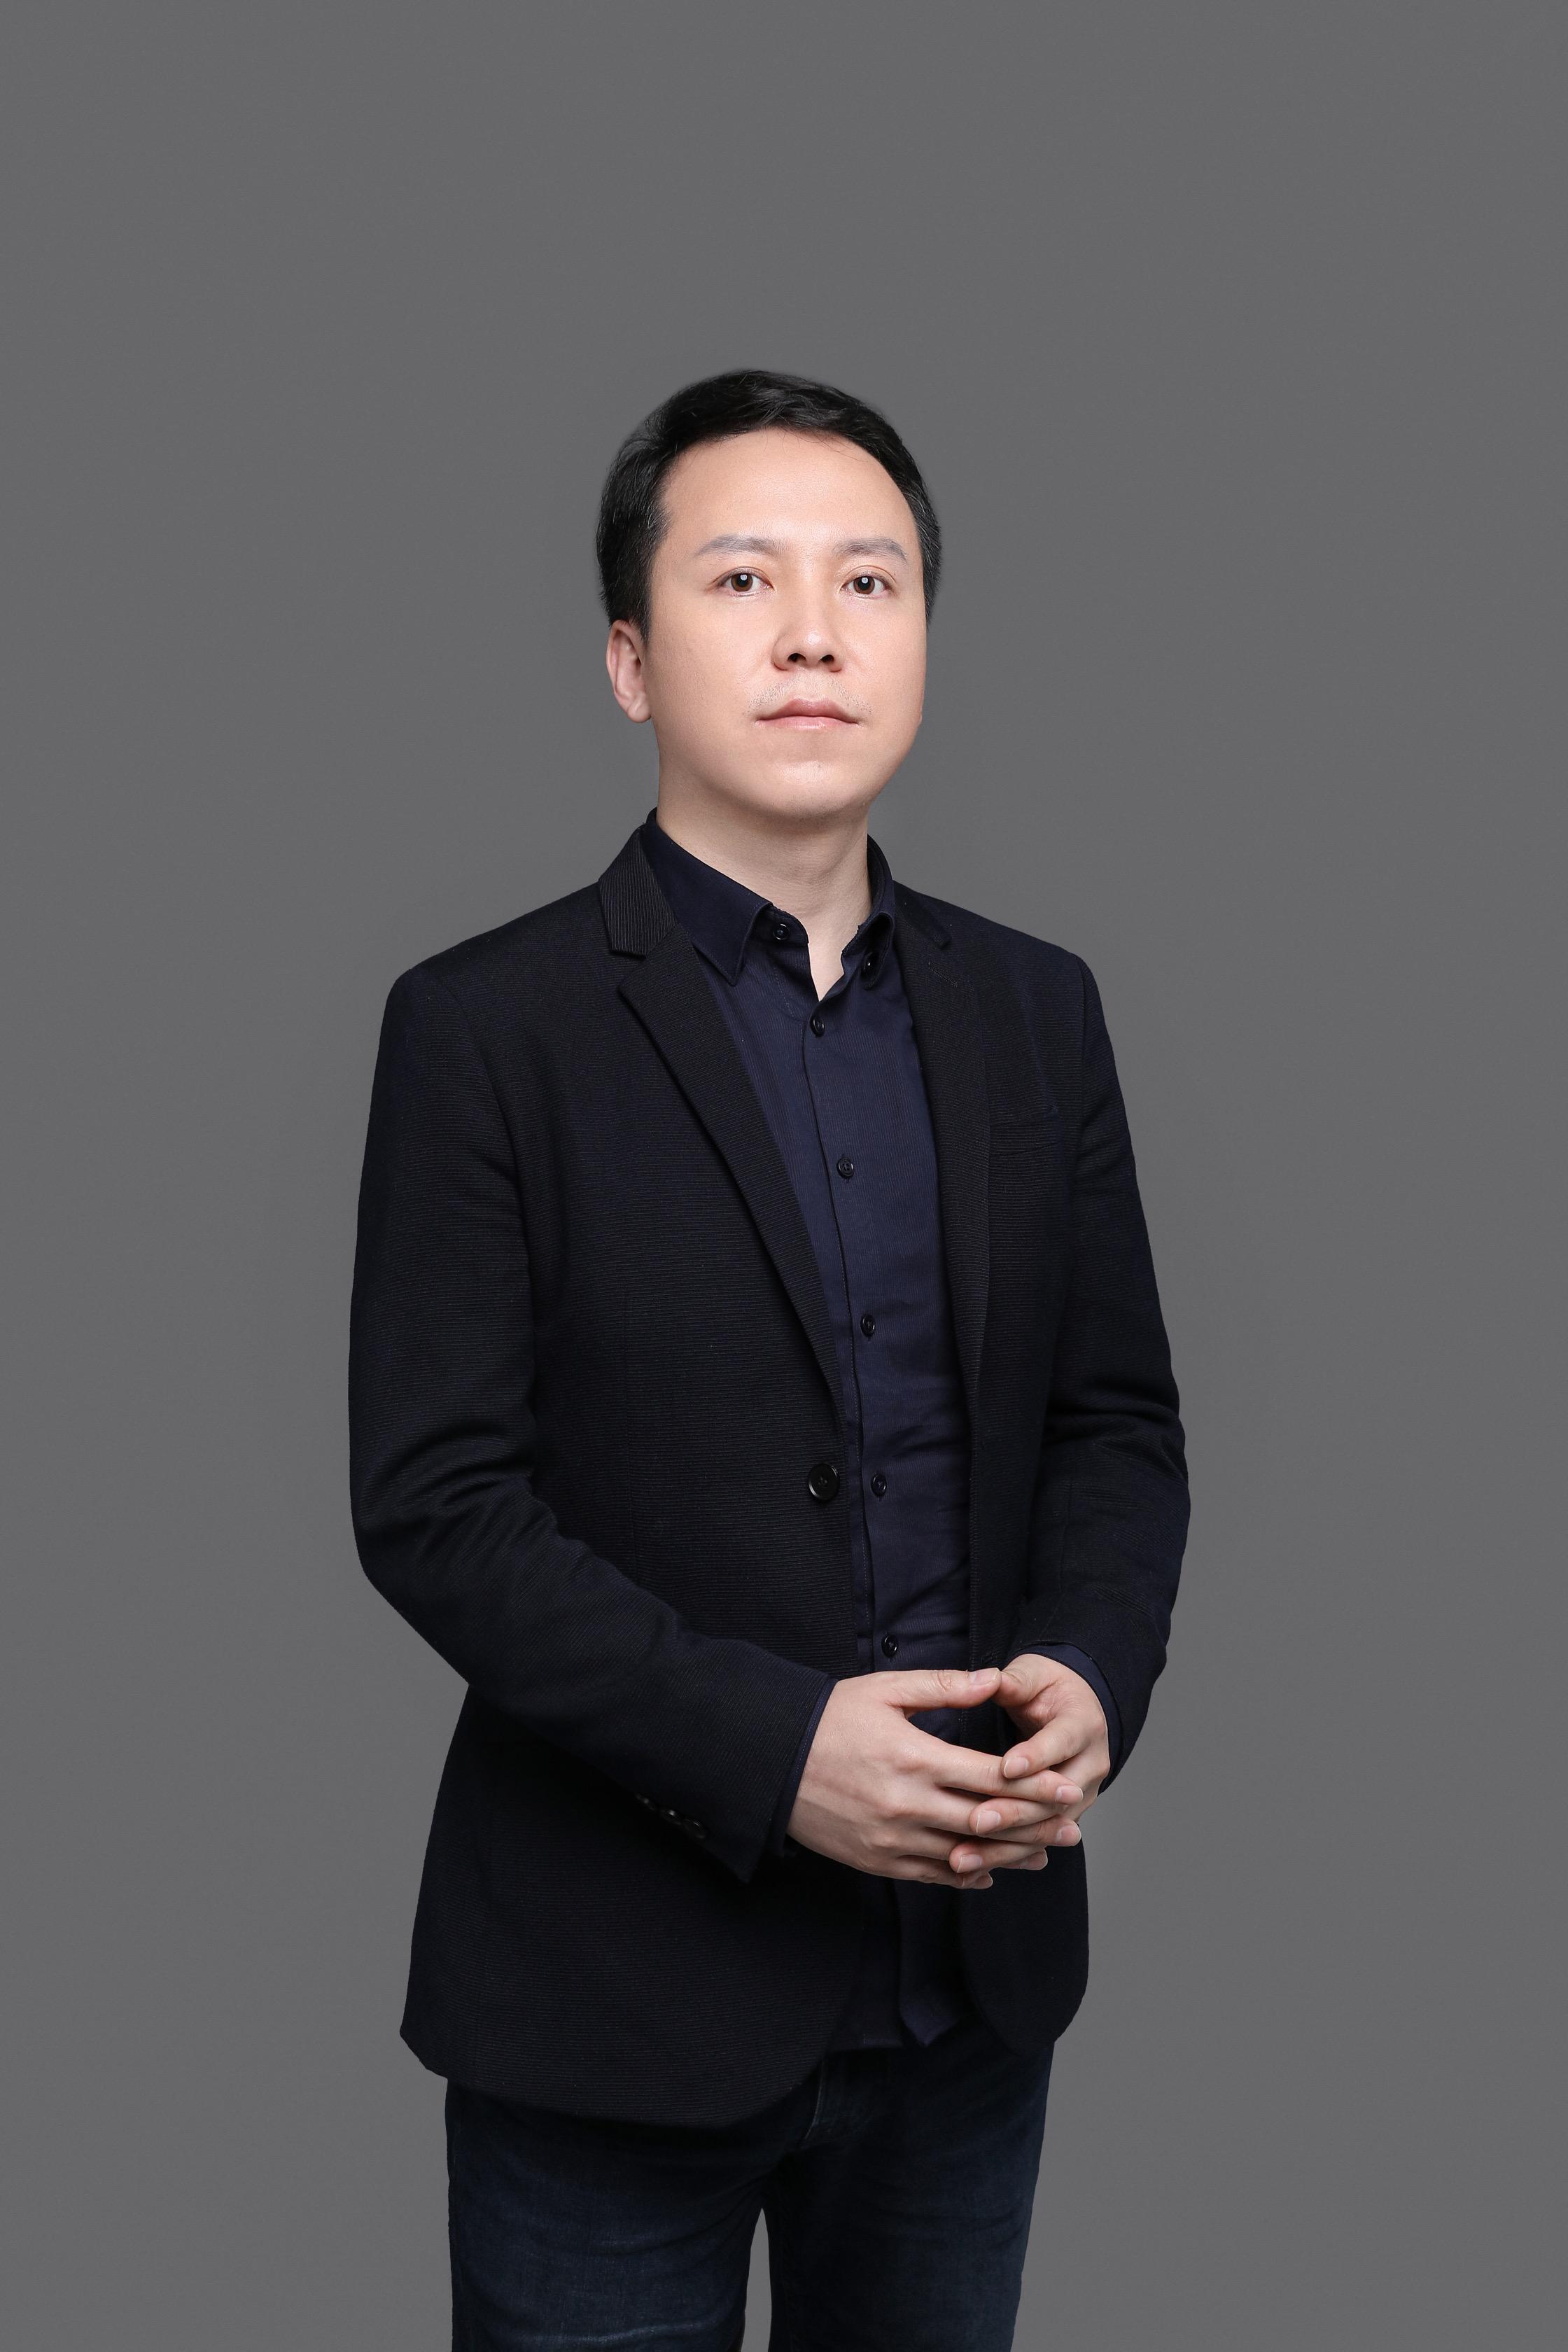 华润元大基金刘宏毅:聚焦中观景气 把握行业龙头机会